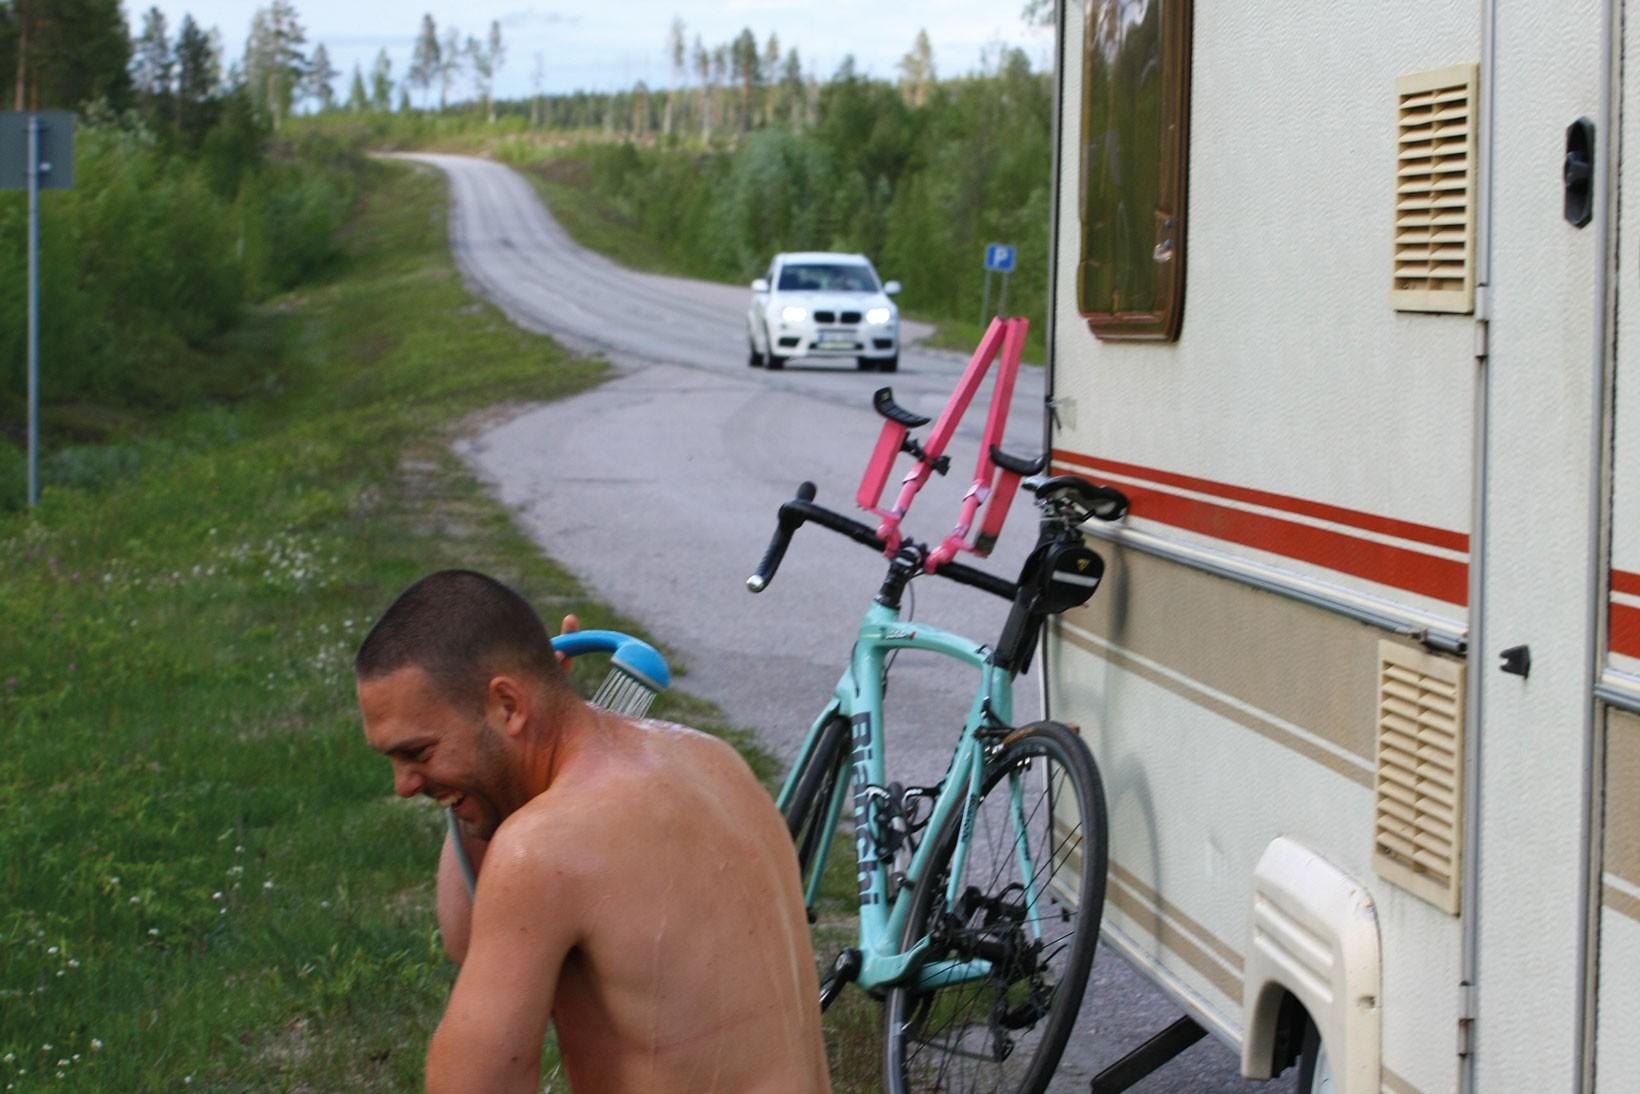 Livet på vägarna var allt annat en glamouröst. Här dusch någonstans i Norrland. Foto: Umara